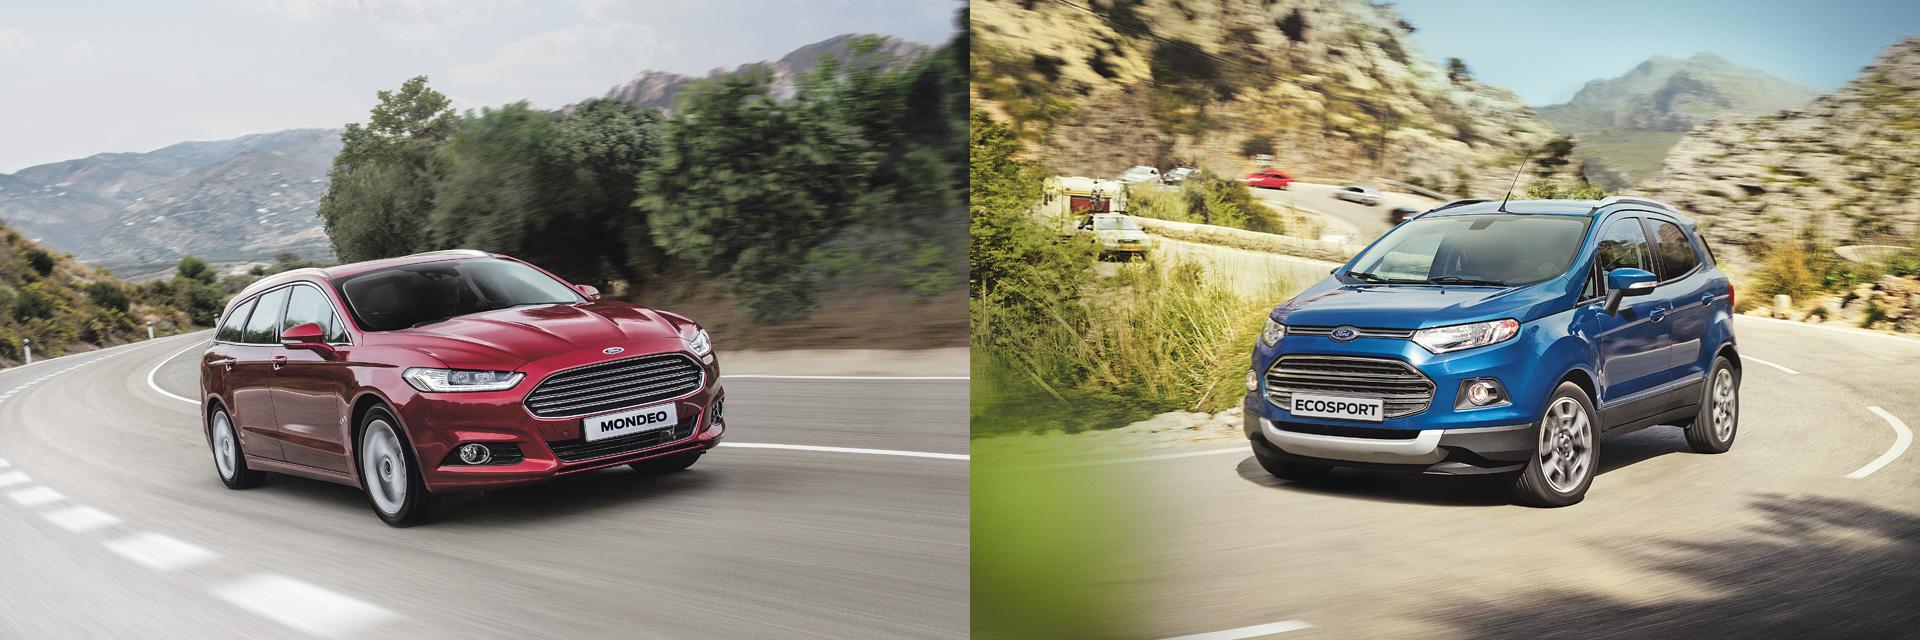 Määräerä Ford Mondeo- ja Ecosport-malleja